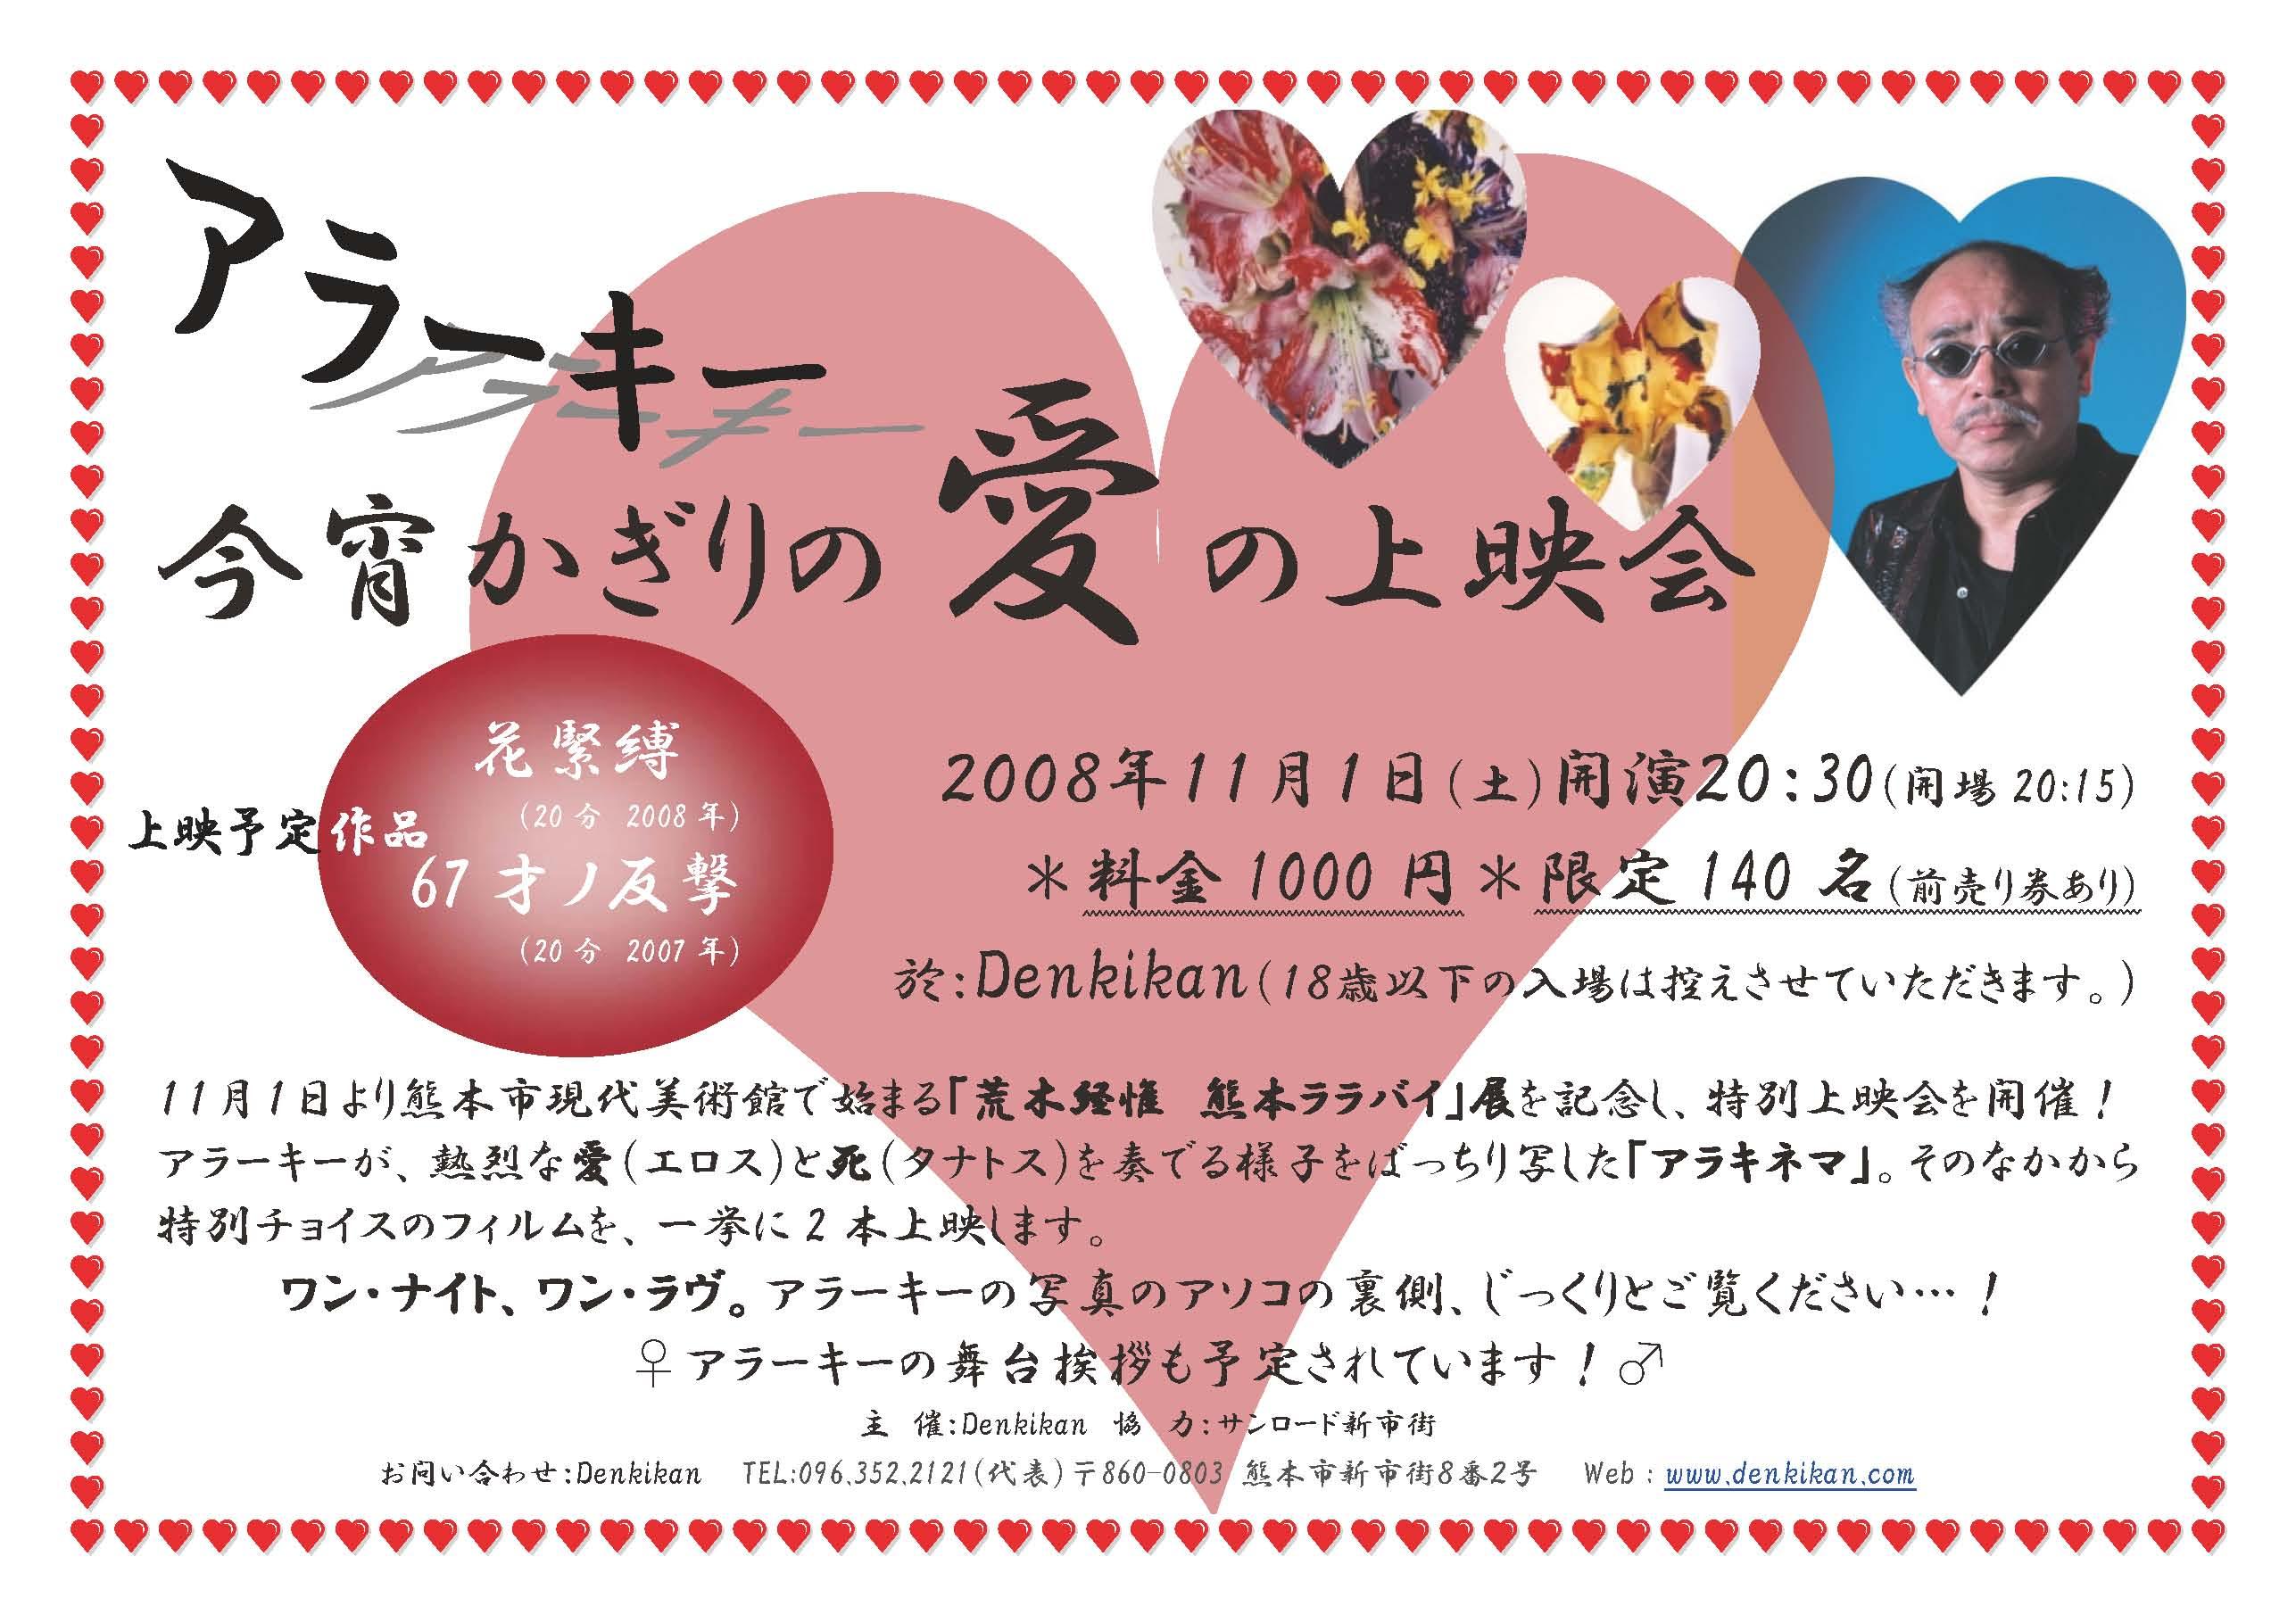 熊本ララバイ母子ヌード 熊本 クロスメディア・コミュニケーションズ 代表取締役 雨宮和弘